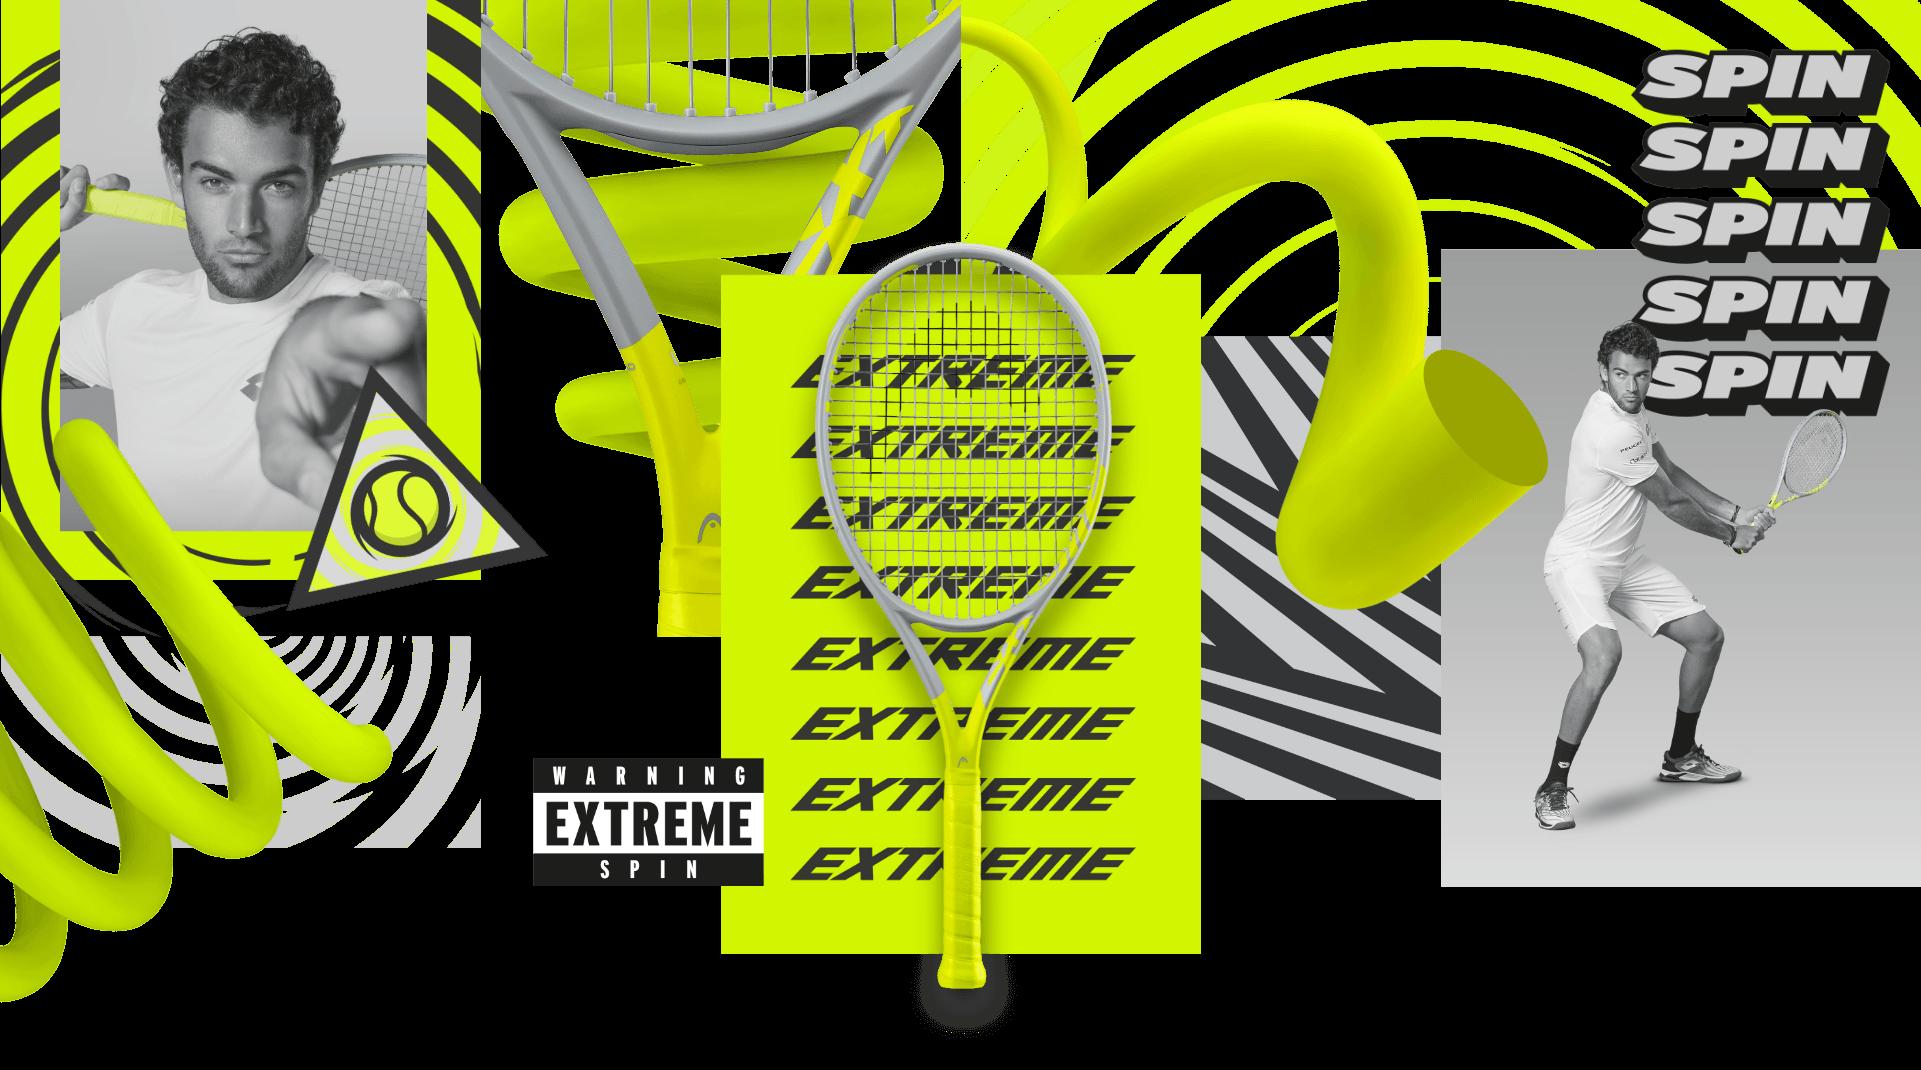 Die neue HEAD Extreme Racquet-Serie für Spin